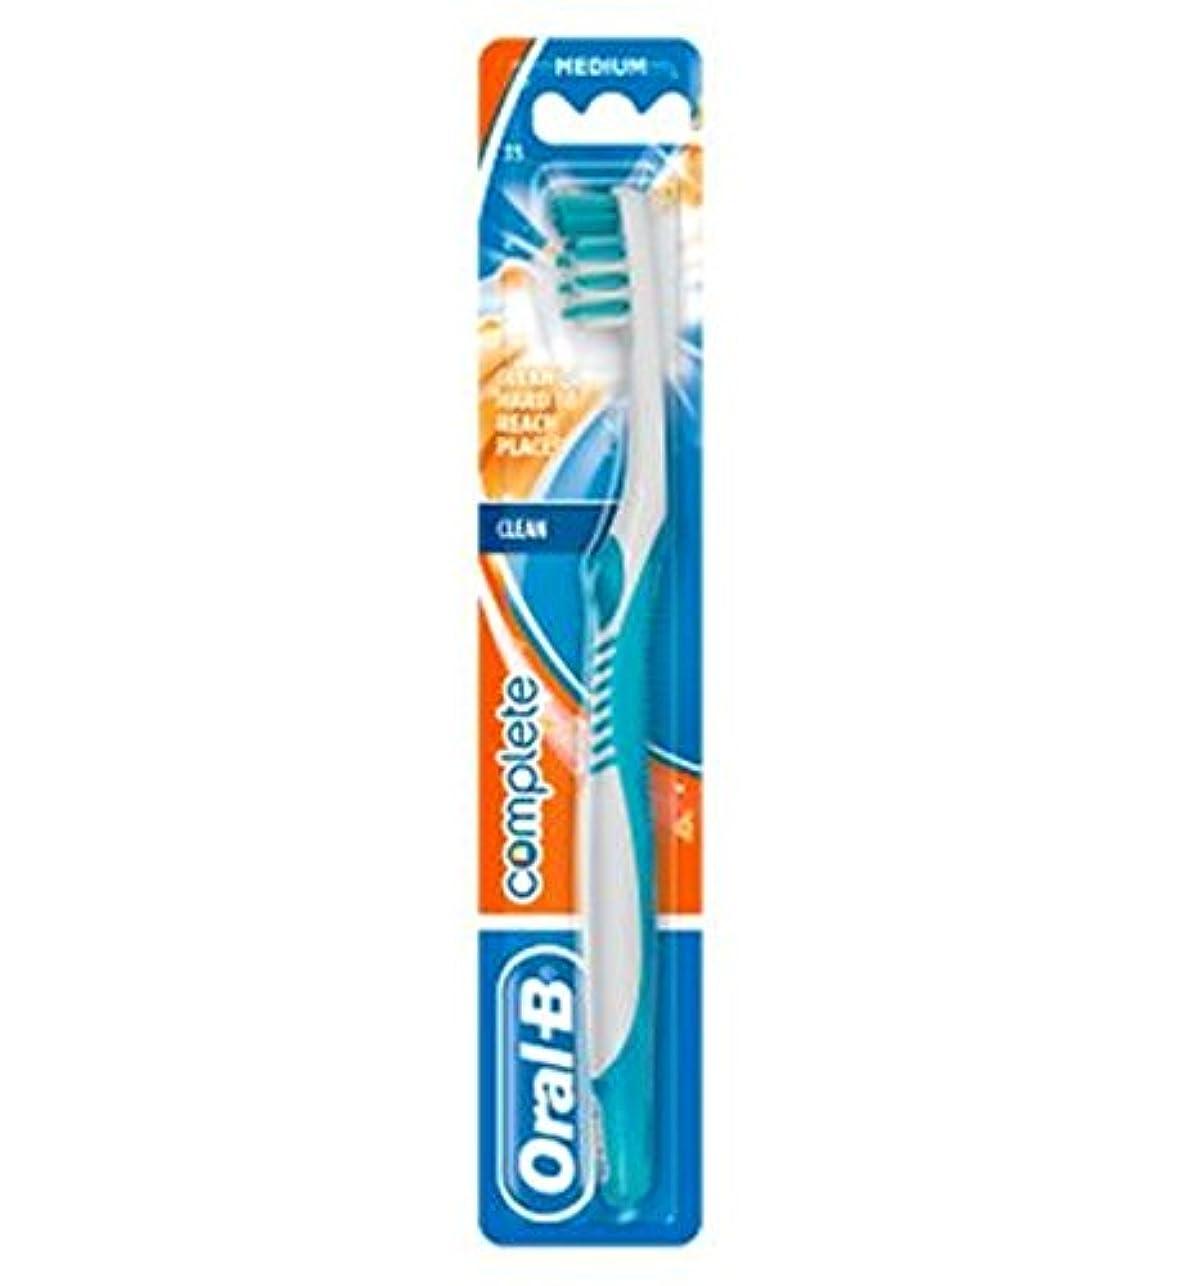 不公平明日おしゃれなOral-B Advantage Plus 35 Med Toothbrush - オーラルB?アドバンテージ?プラス35 Med歯ブラシ (Oral B) [並行輸入品]